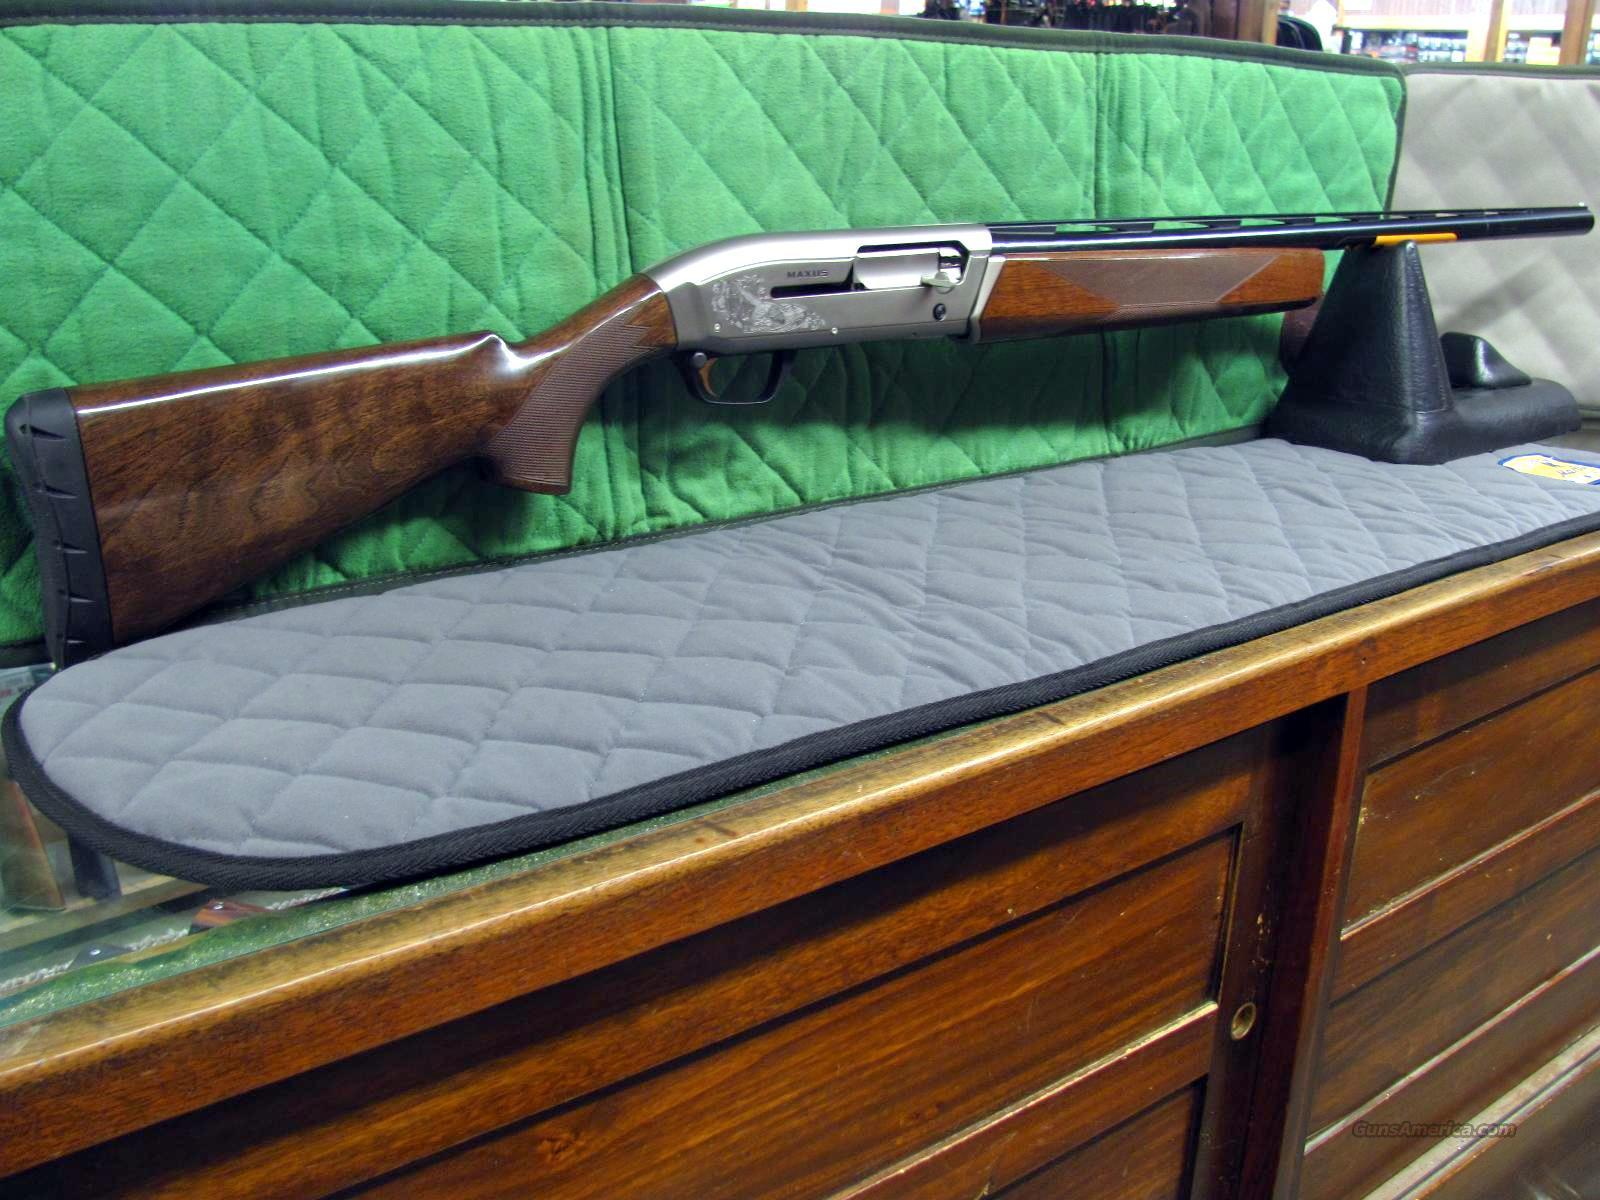 Browning Maxus Hunter 12/30 3.5 Inch  **NEW**  Guns > Shotguns > Browning Shotguns > Autoloaders > Hunting